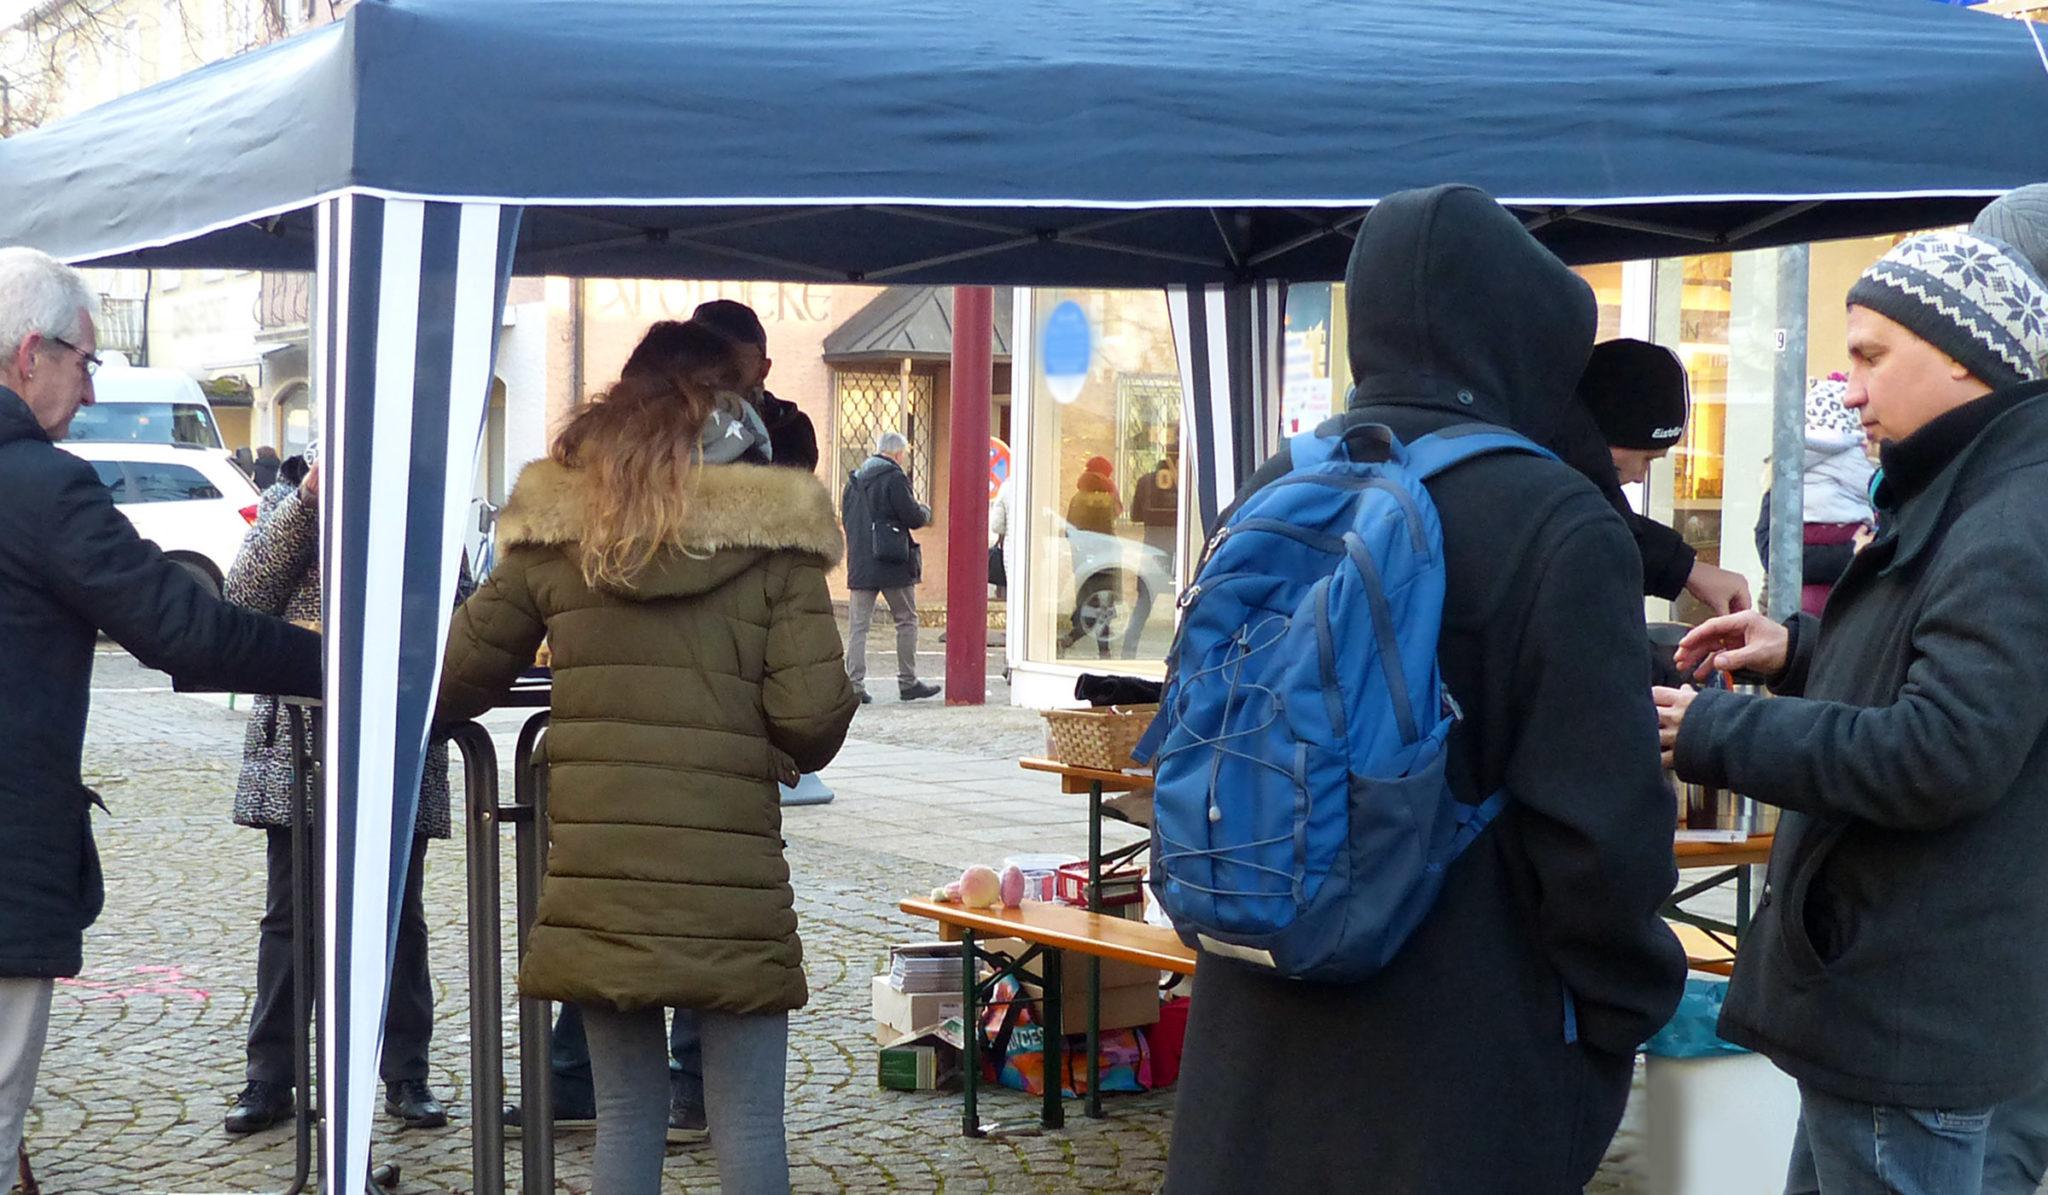 Infoveranstaltung in der Fußgängerzone